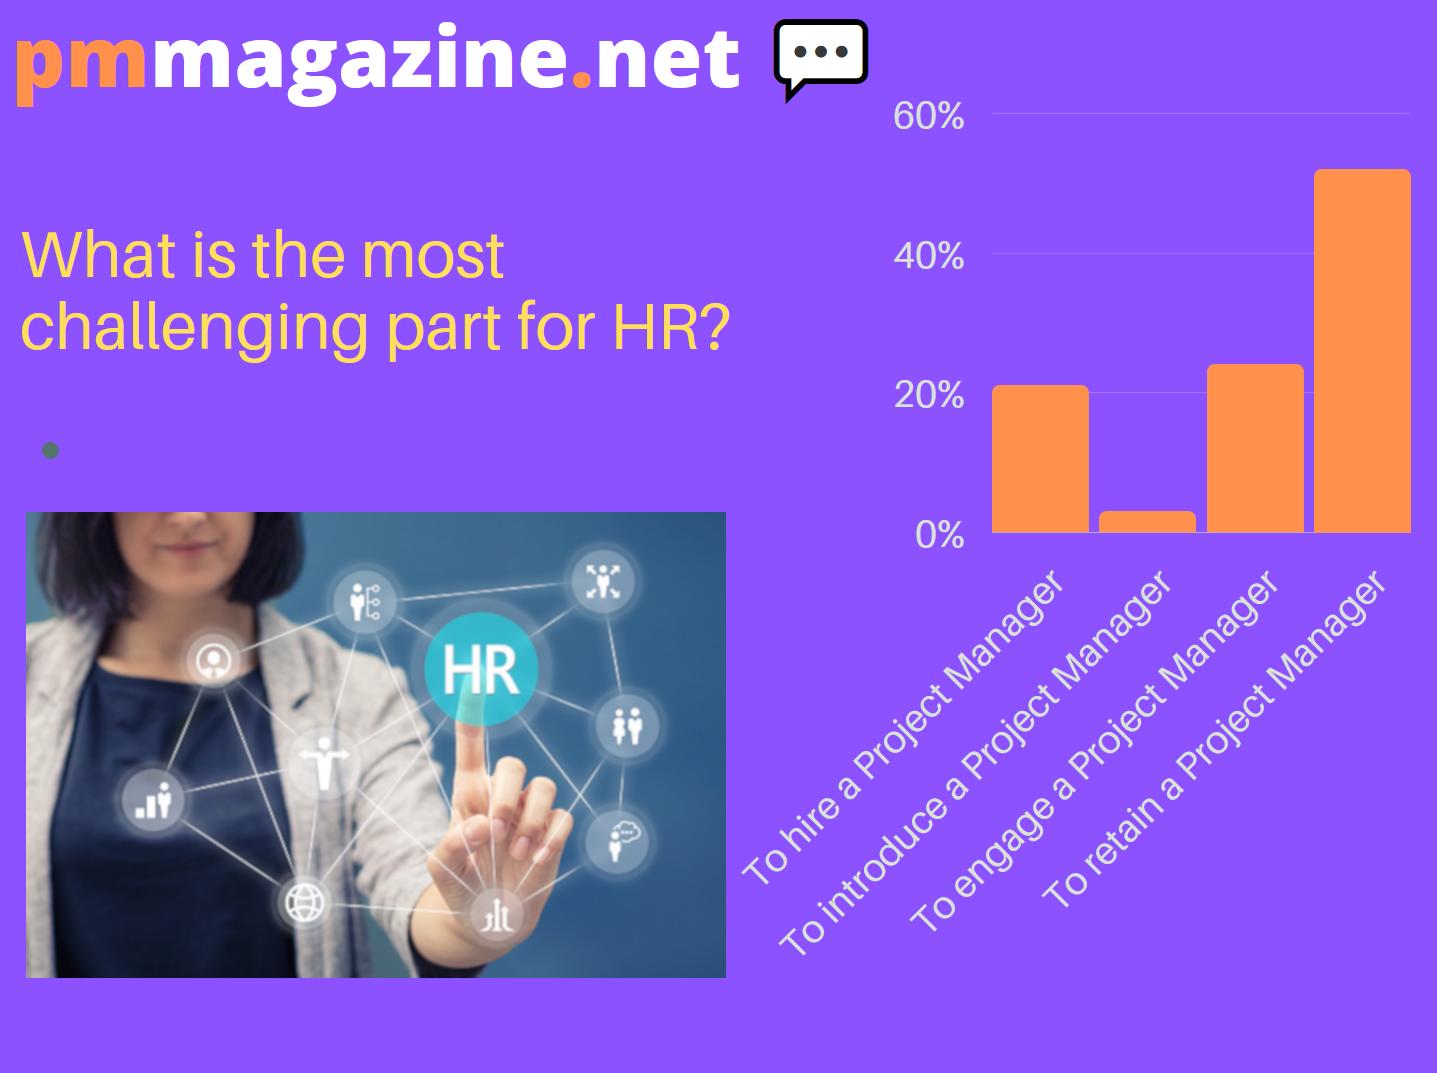 pmmagazine.net - HR polls